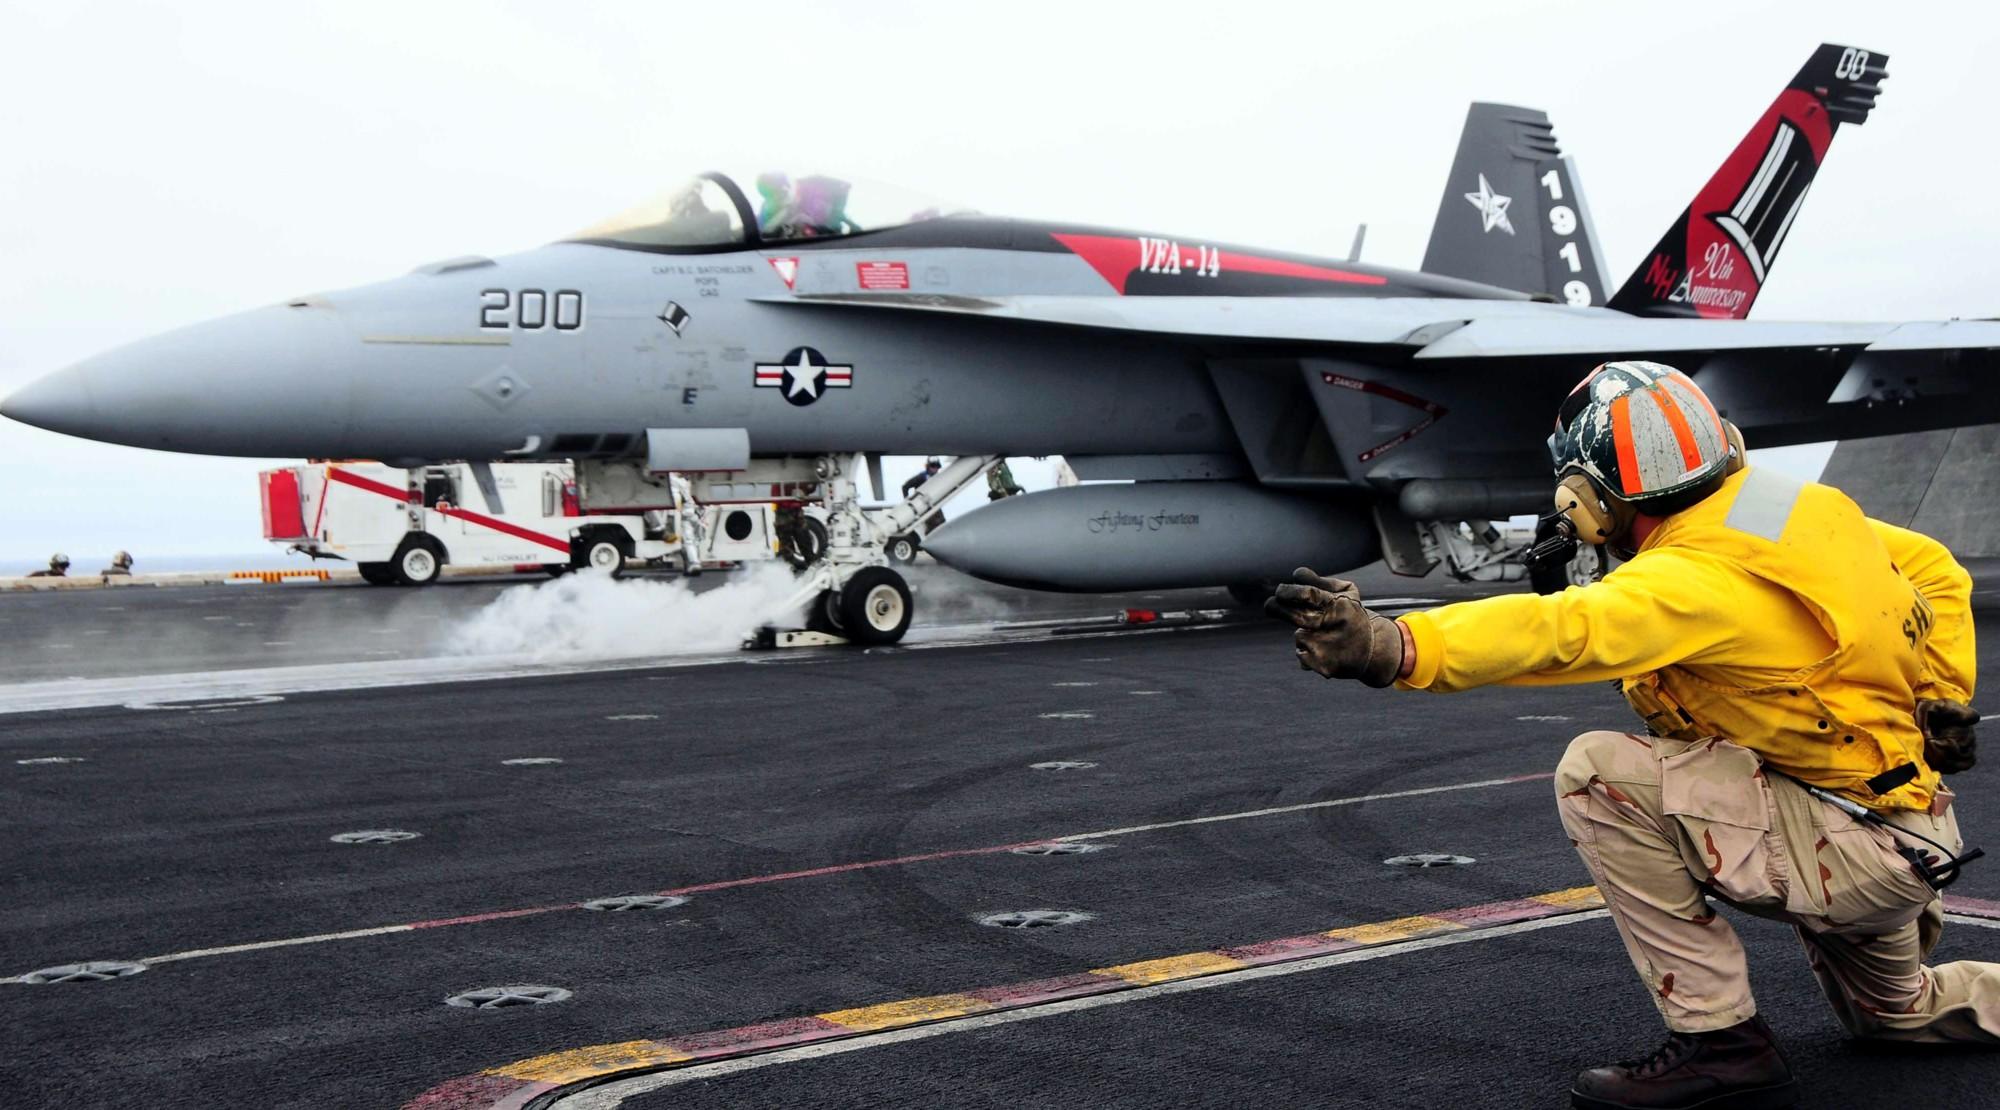 0 два американских палубных истребителя ф/a-18 хорнет потерпели крушение в западной части тихого океана, сообщает